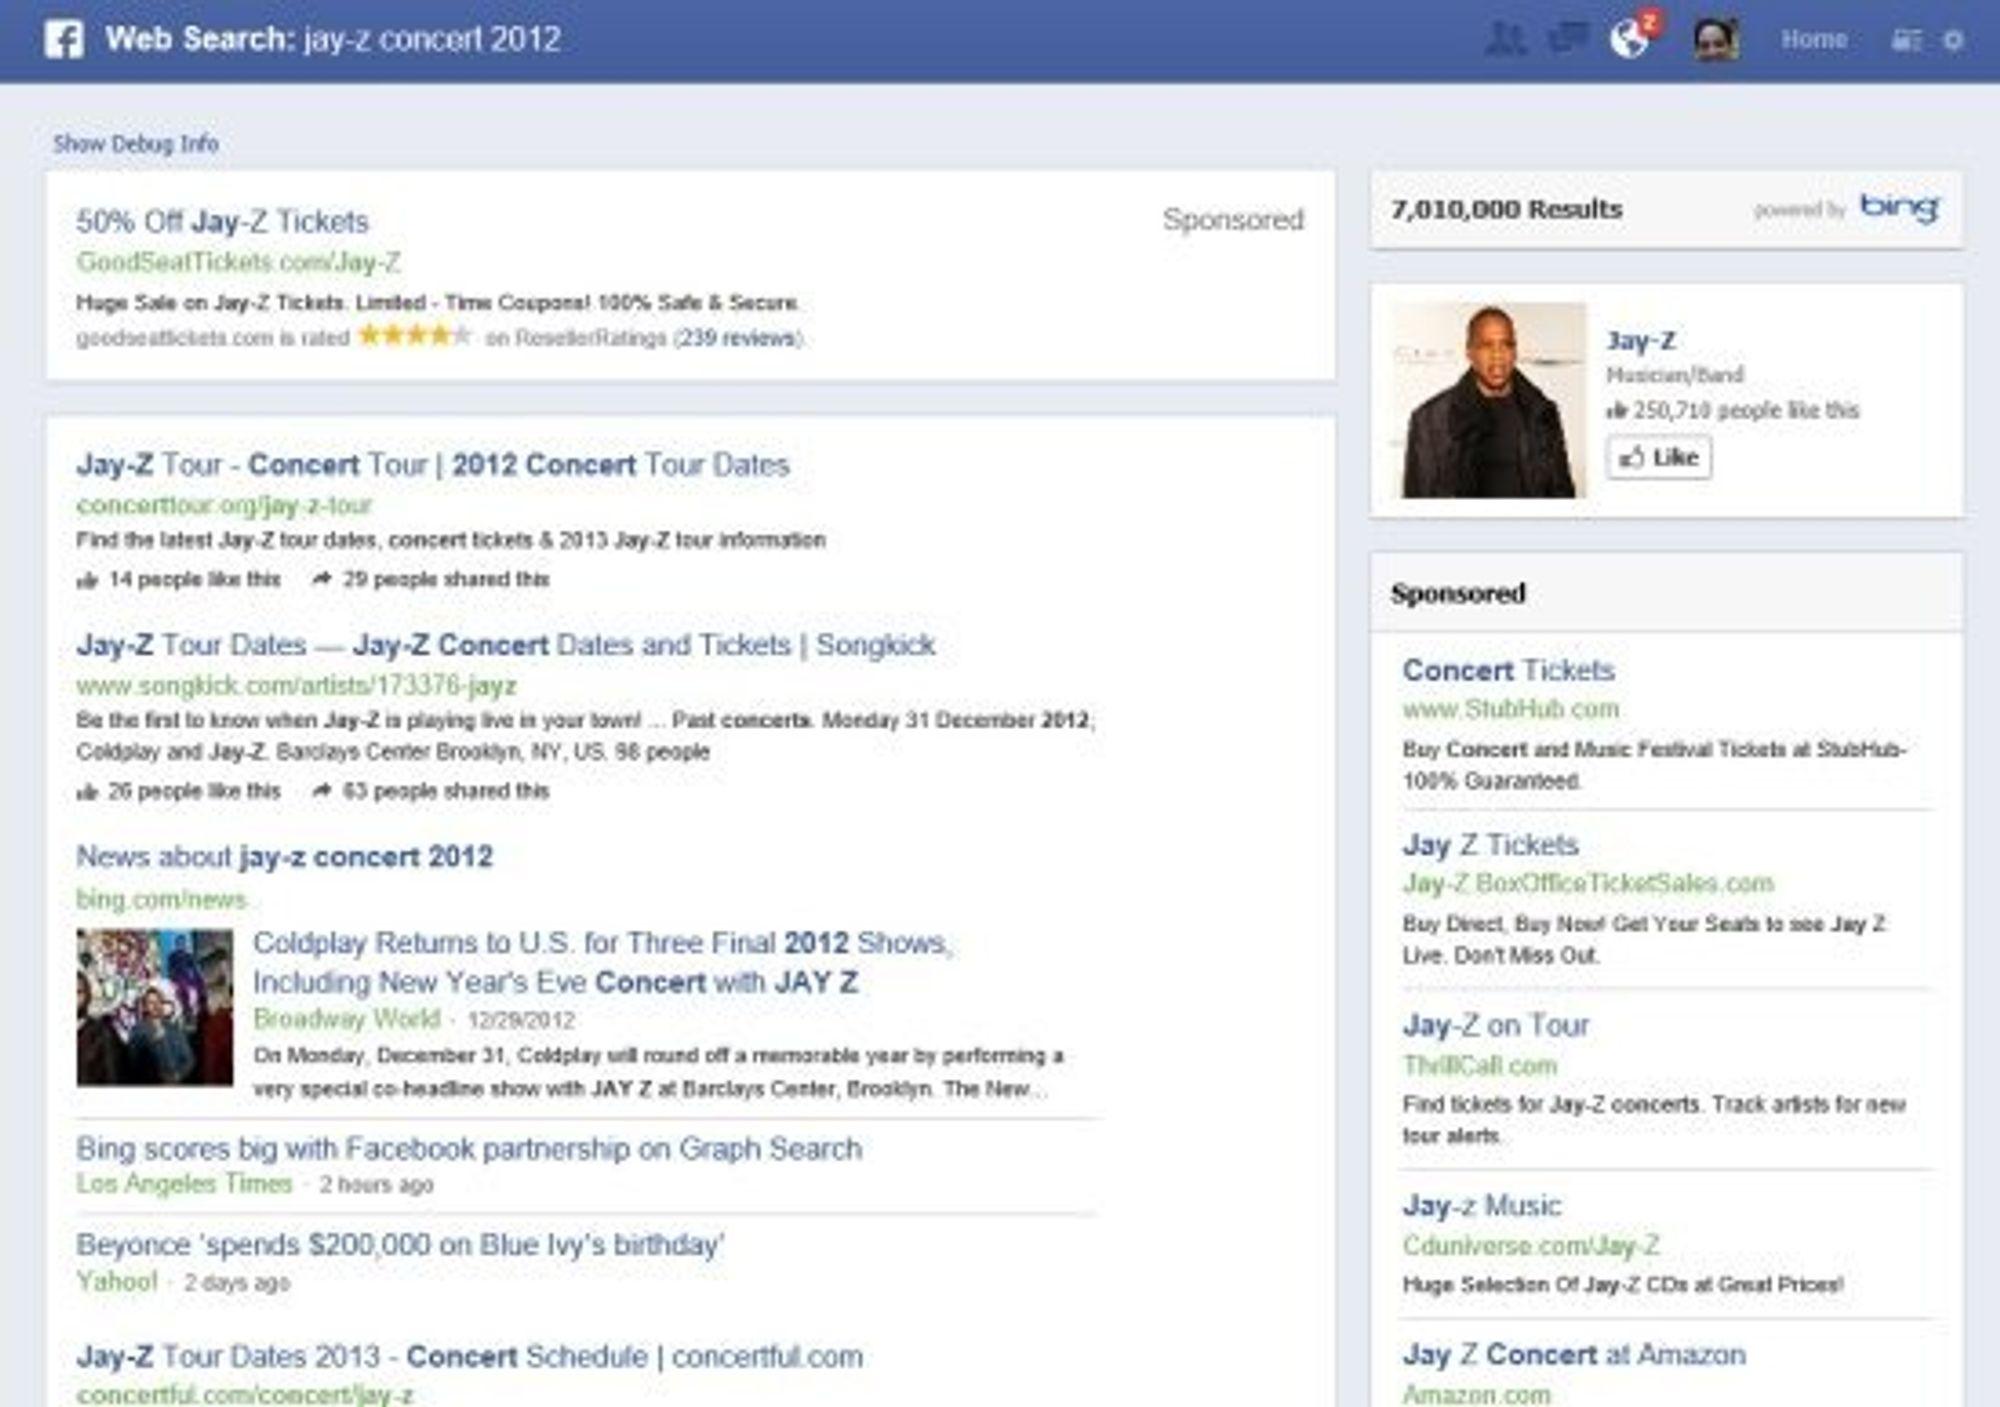 Resultatene fra Bing-søket vises til venstre, mens Facebooks egne treff vises til høyre.